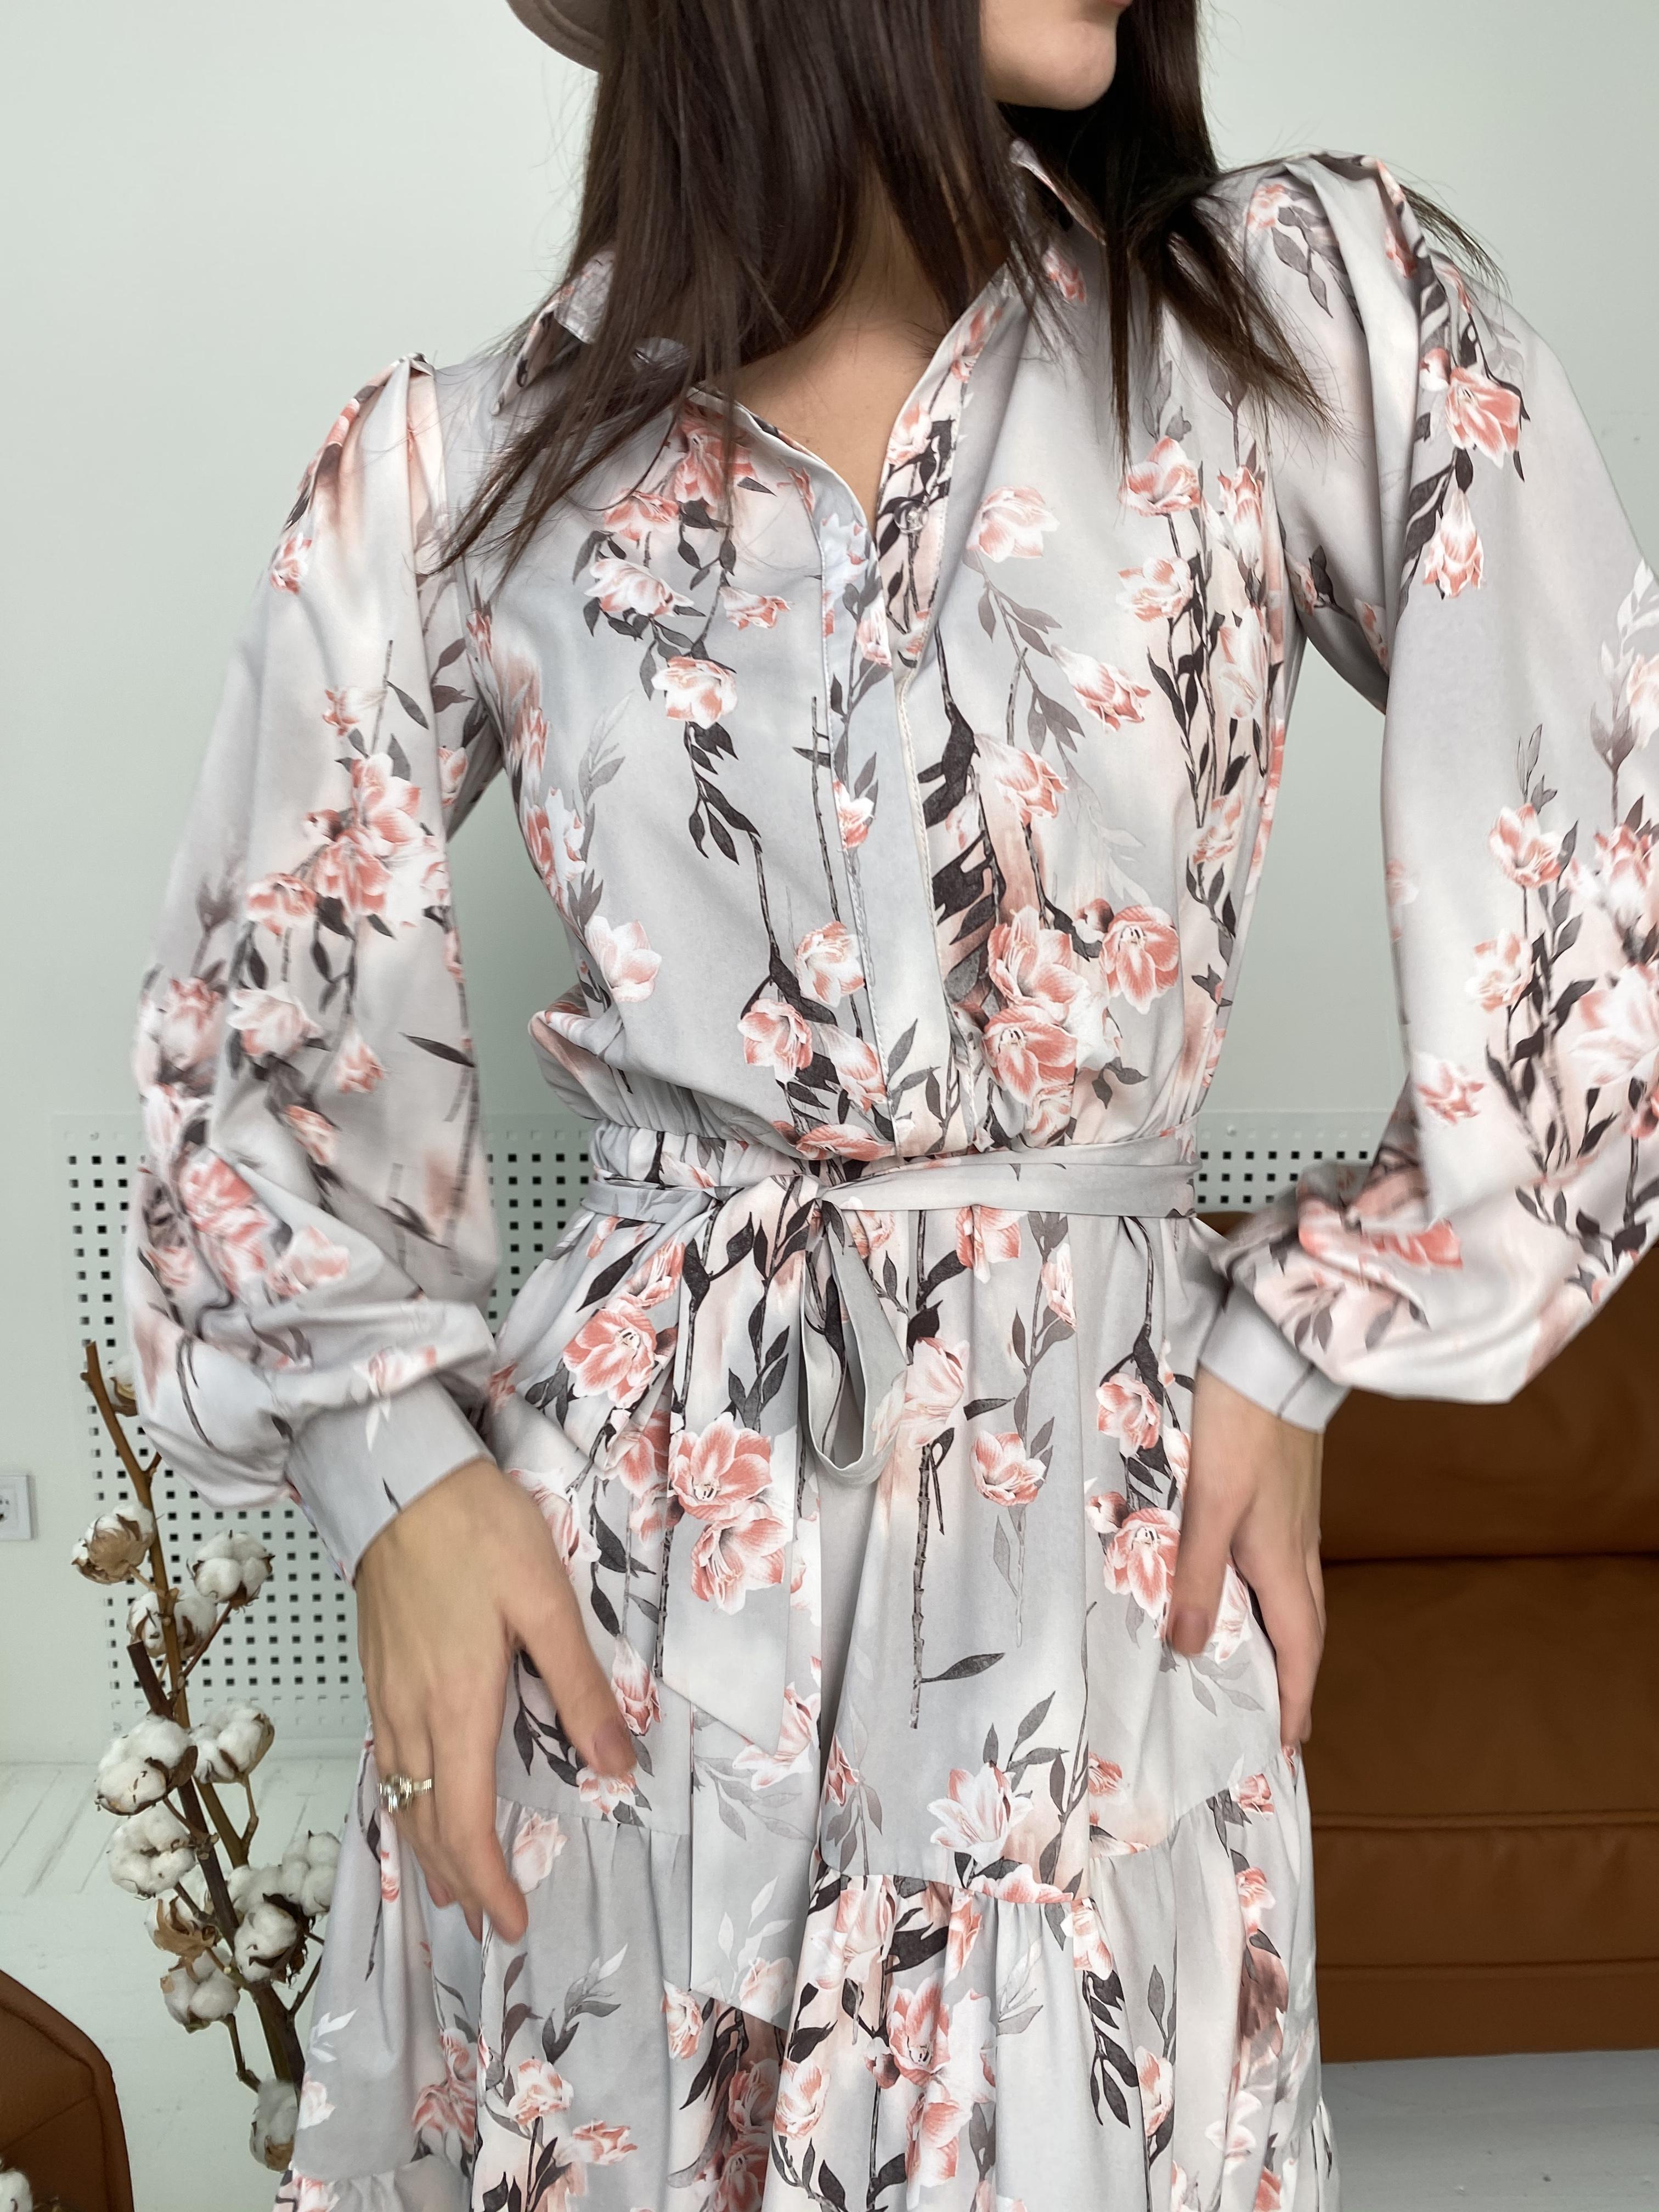 Лилия платье в цветочный принт 9712 АРТ. 46015 Цвет: Цветы кр/цепи Молоко/пудра - фото 2, интернет магазин tm-modus.ru